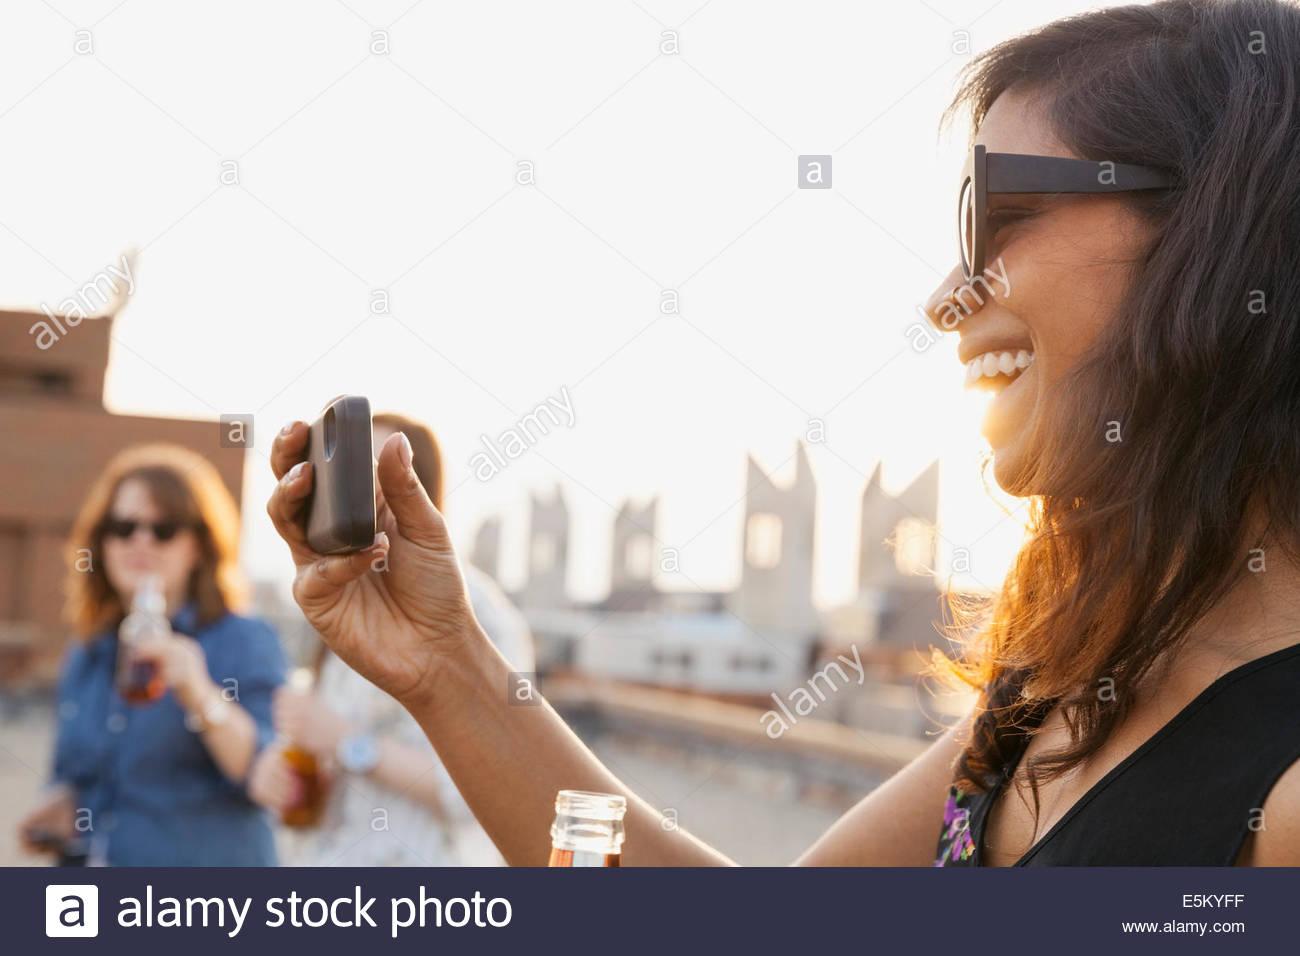 Lächelnde Frau fotografieren auf städtischen Dach party Stockbild